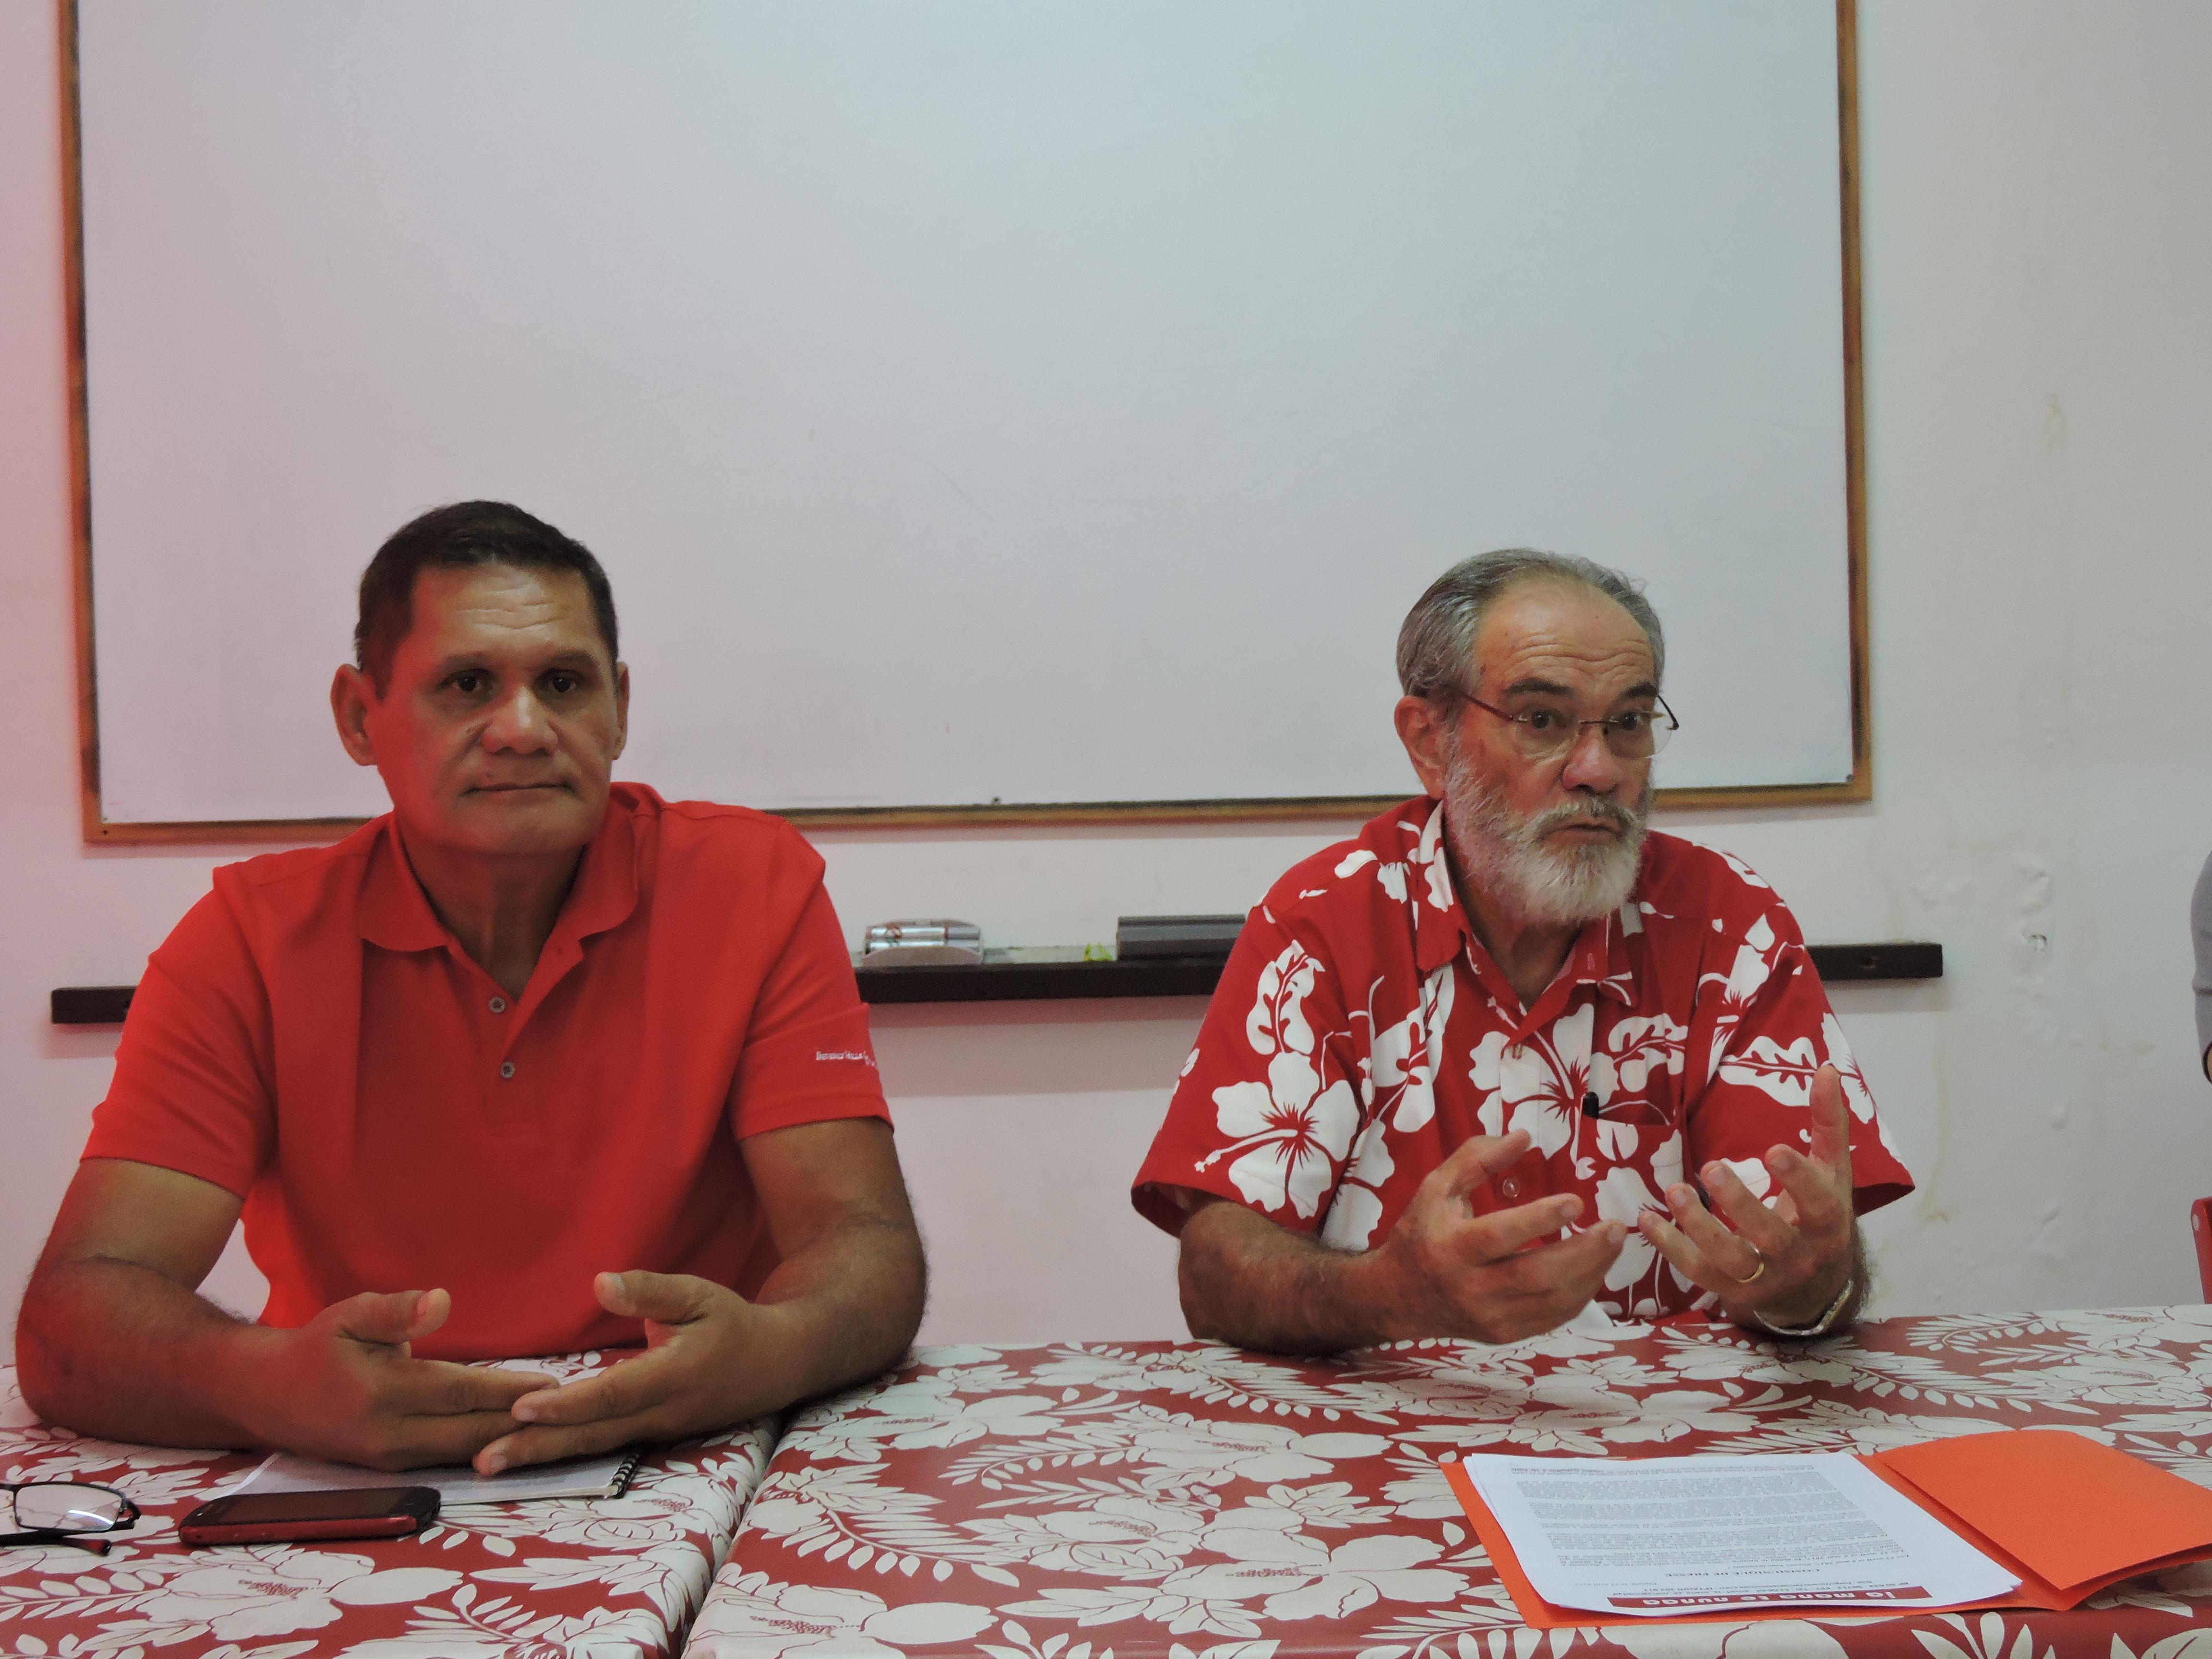 Le parti Ia Mana te nunaa a annoncé son soutien au candidat Jean-Luc Mélenchon pour cette élection présidentielle.